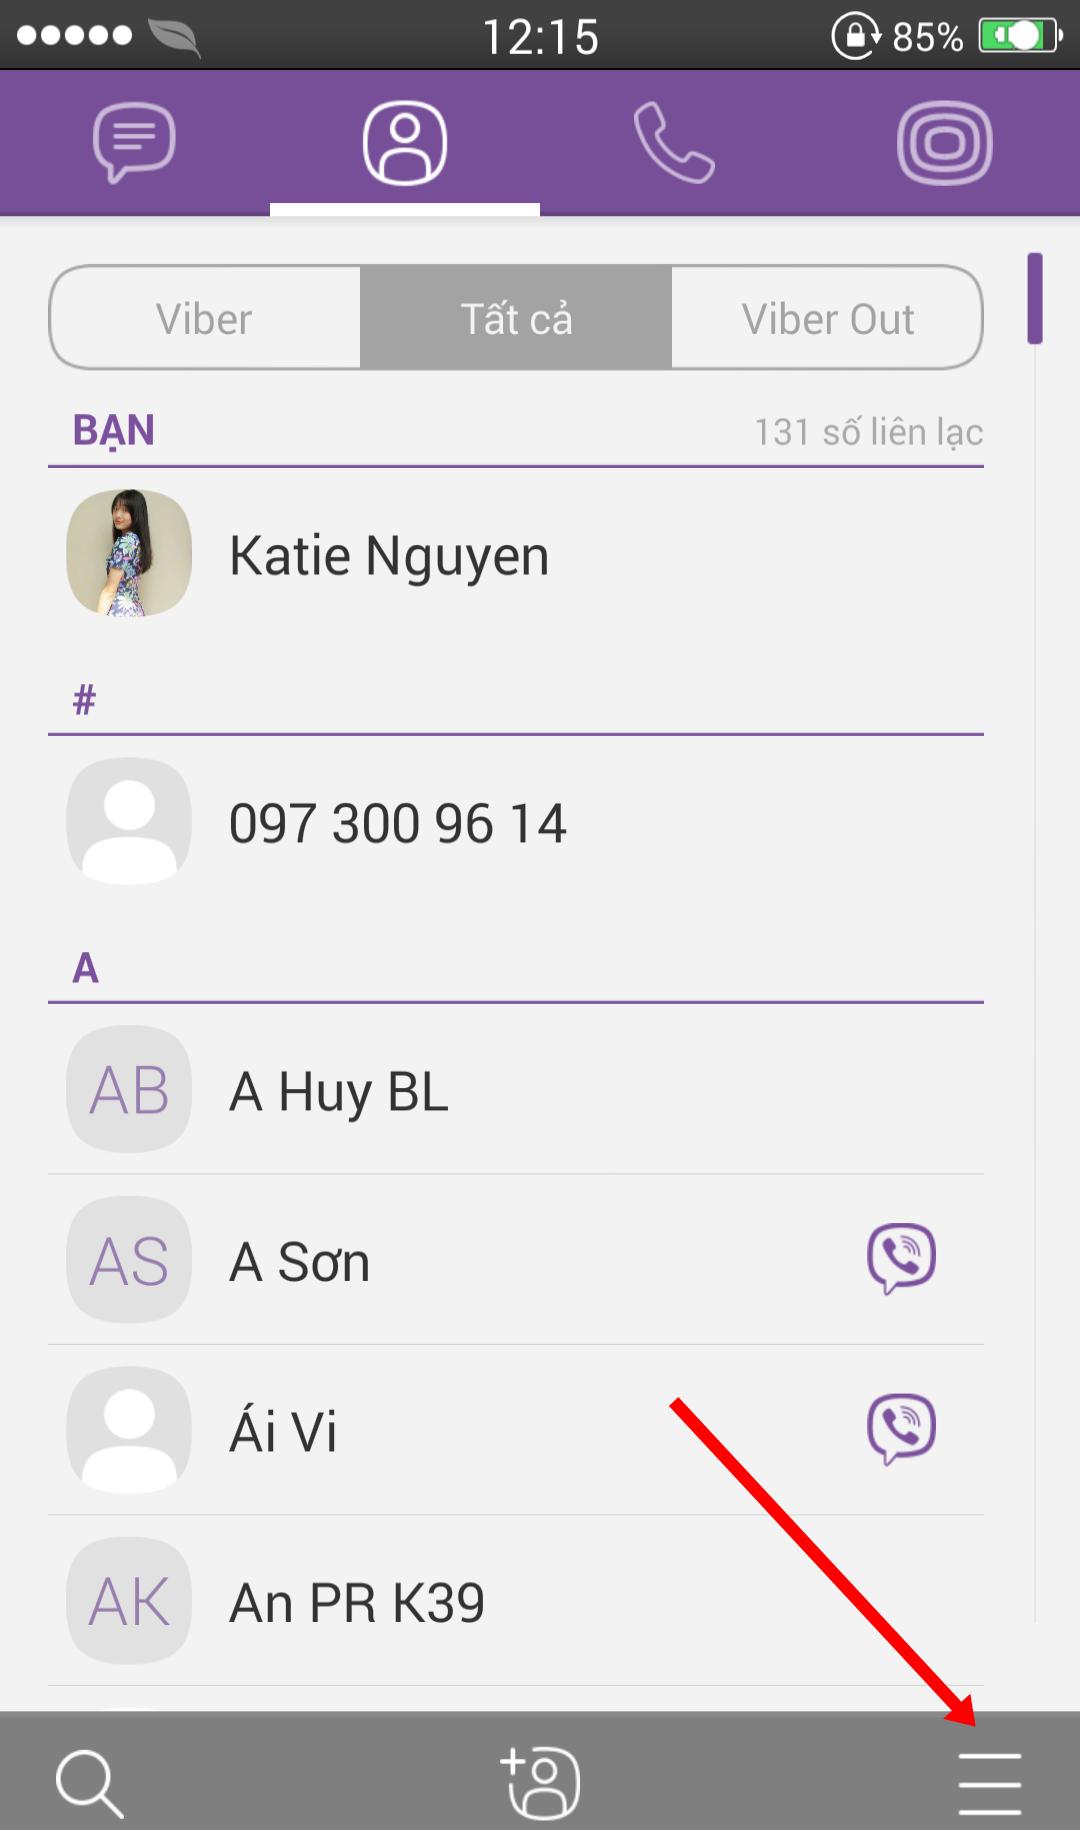 Ẩn trạng thái online trên Viber 1